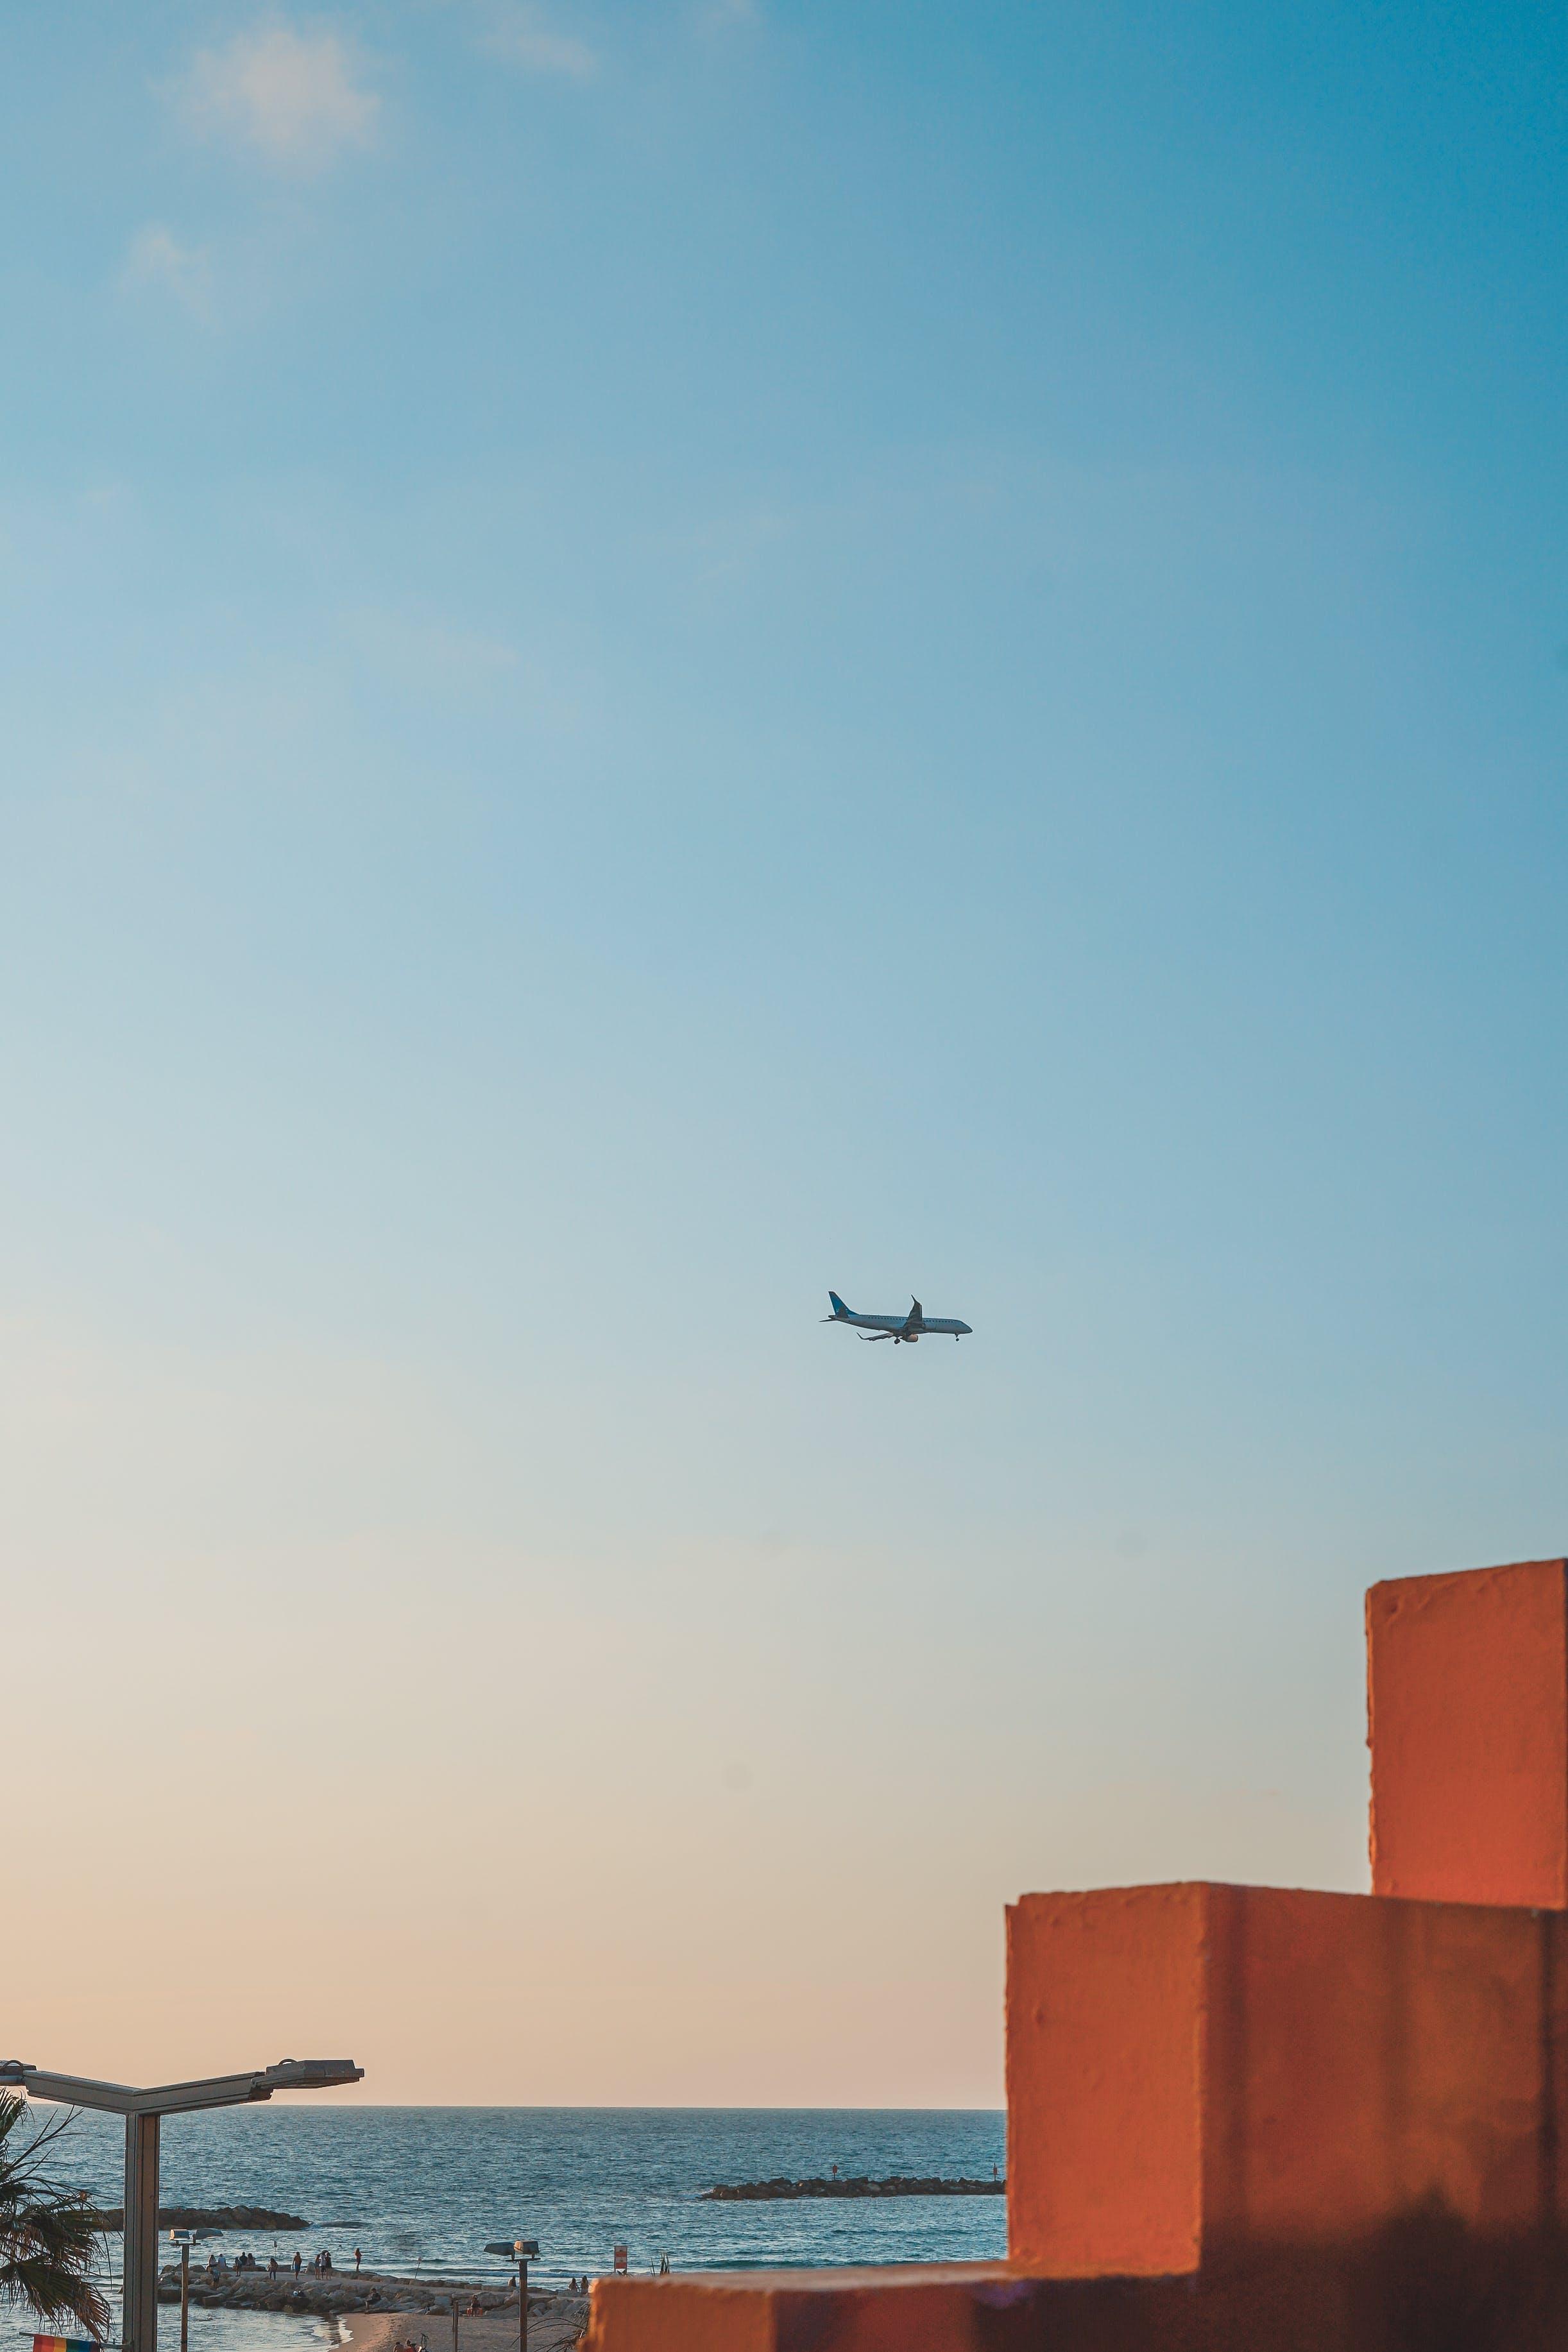 Ảnh lưu trữ miễn phí về bầu trời, bầu trời quang đãng, chuyến bay, hàng không